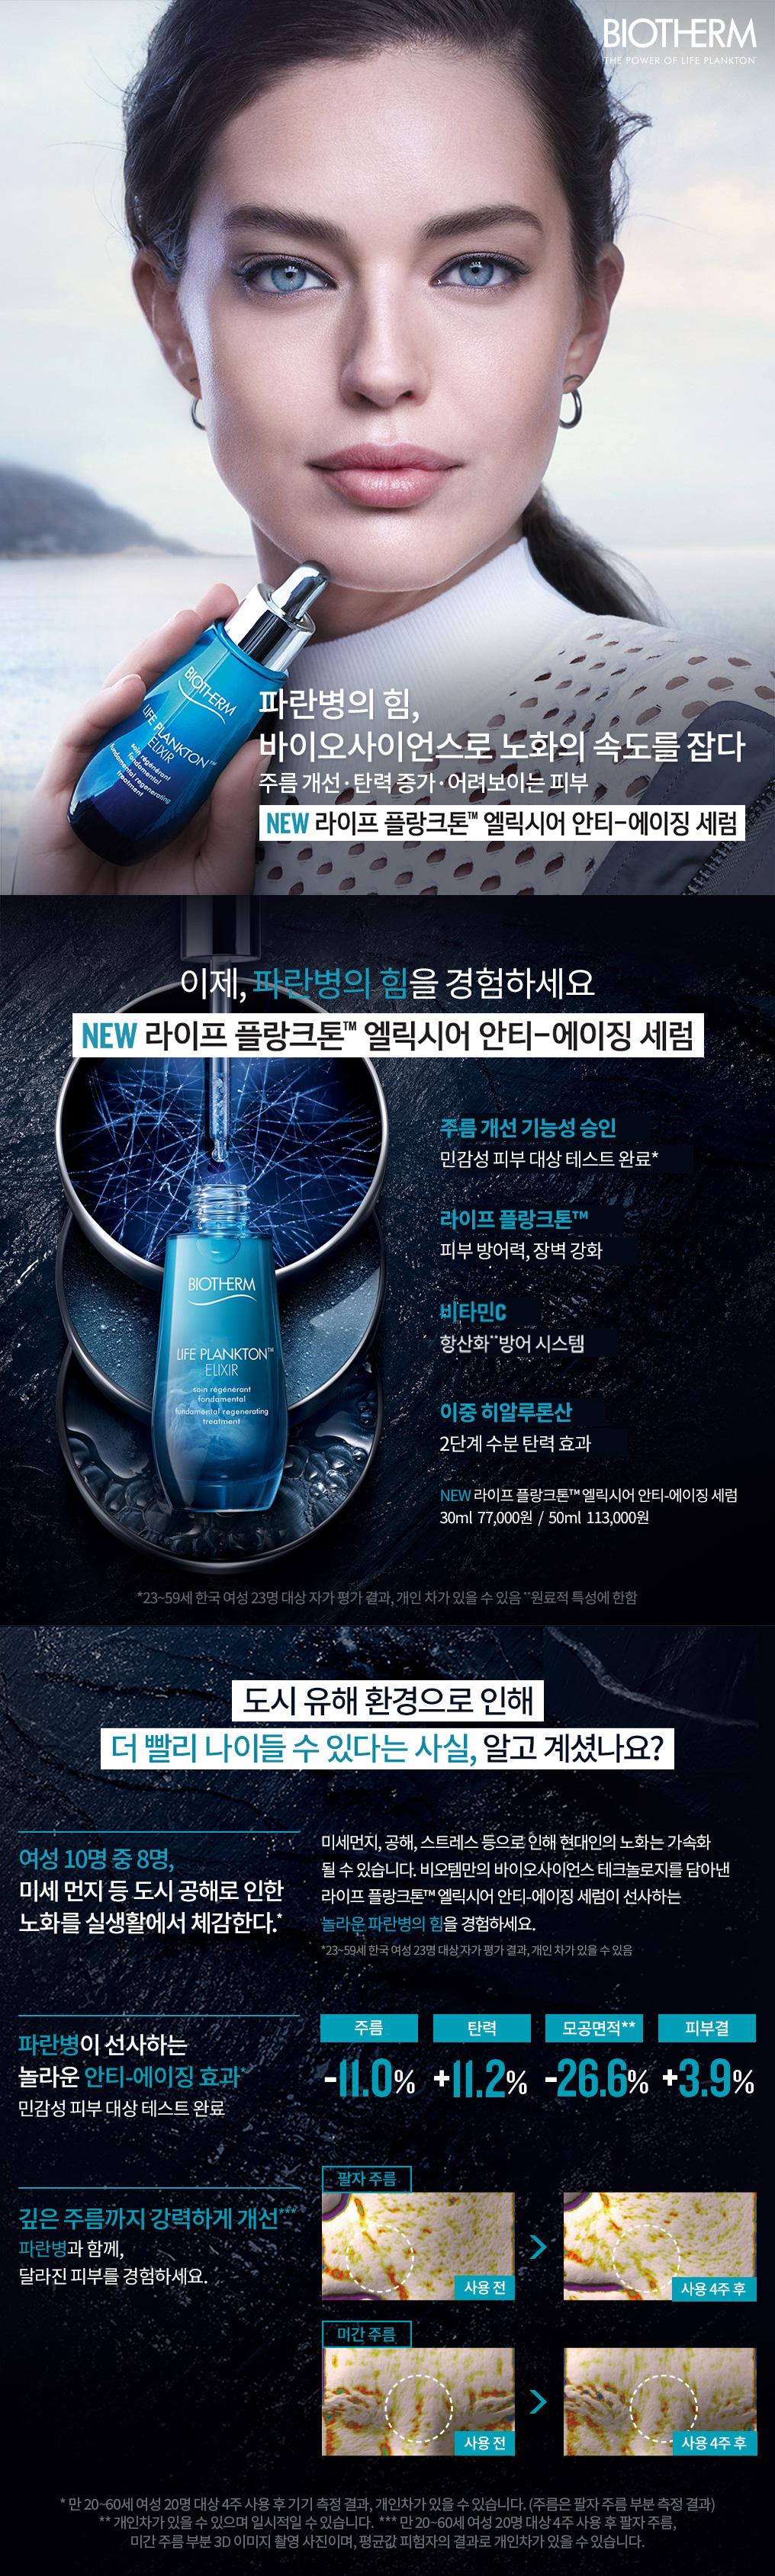 biotherm_01